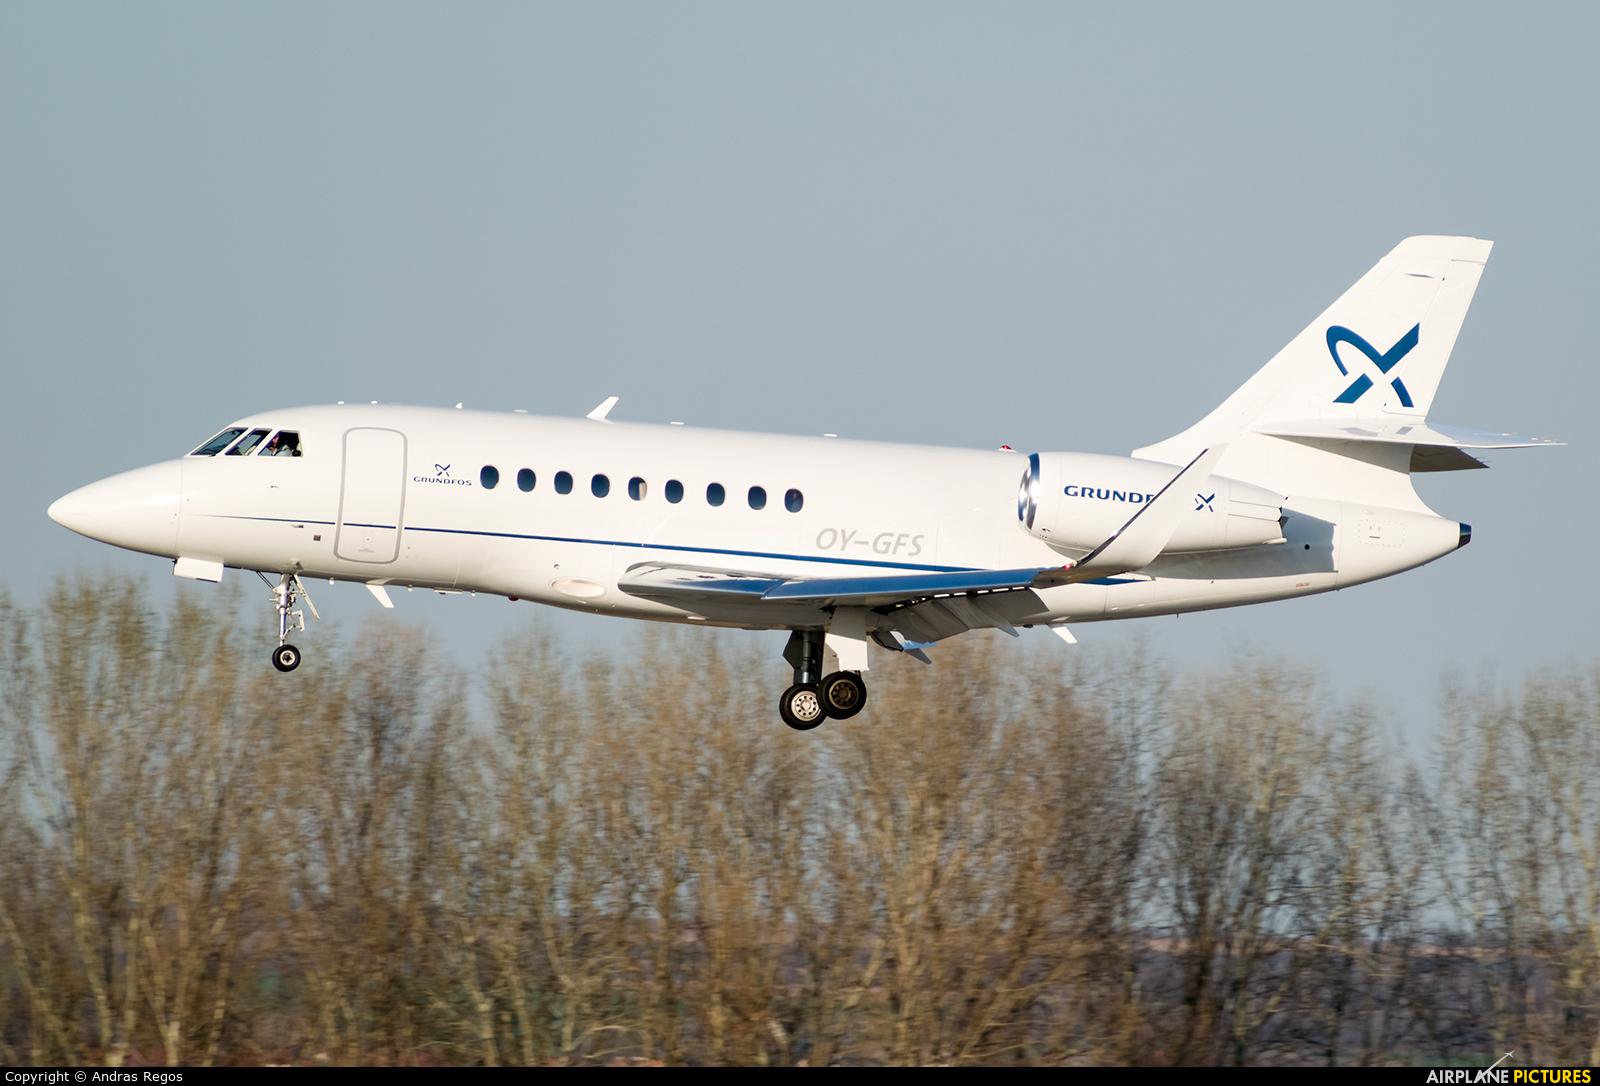 Air Alsie OY-GFS aircraft at Budapest Ferenc Liszt International Airport